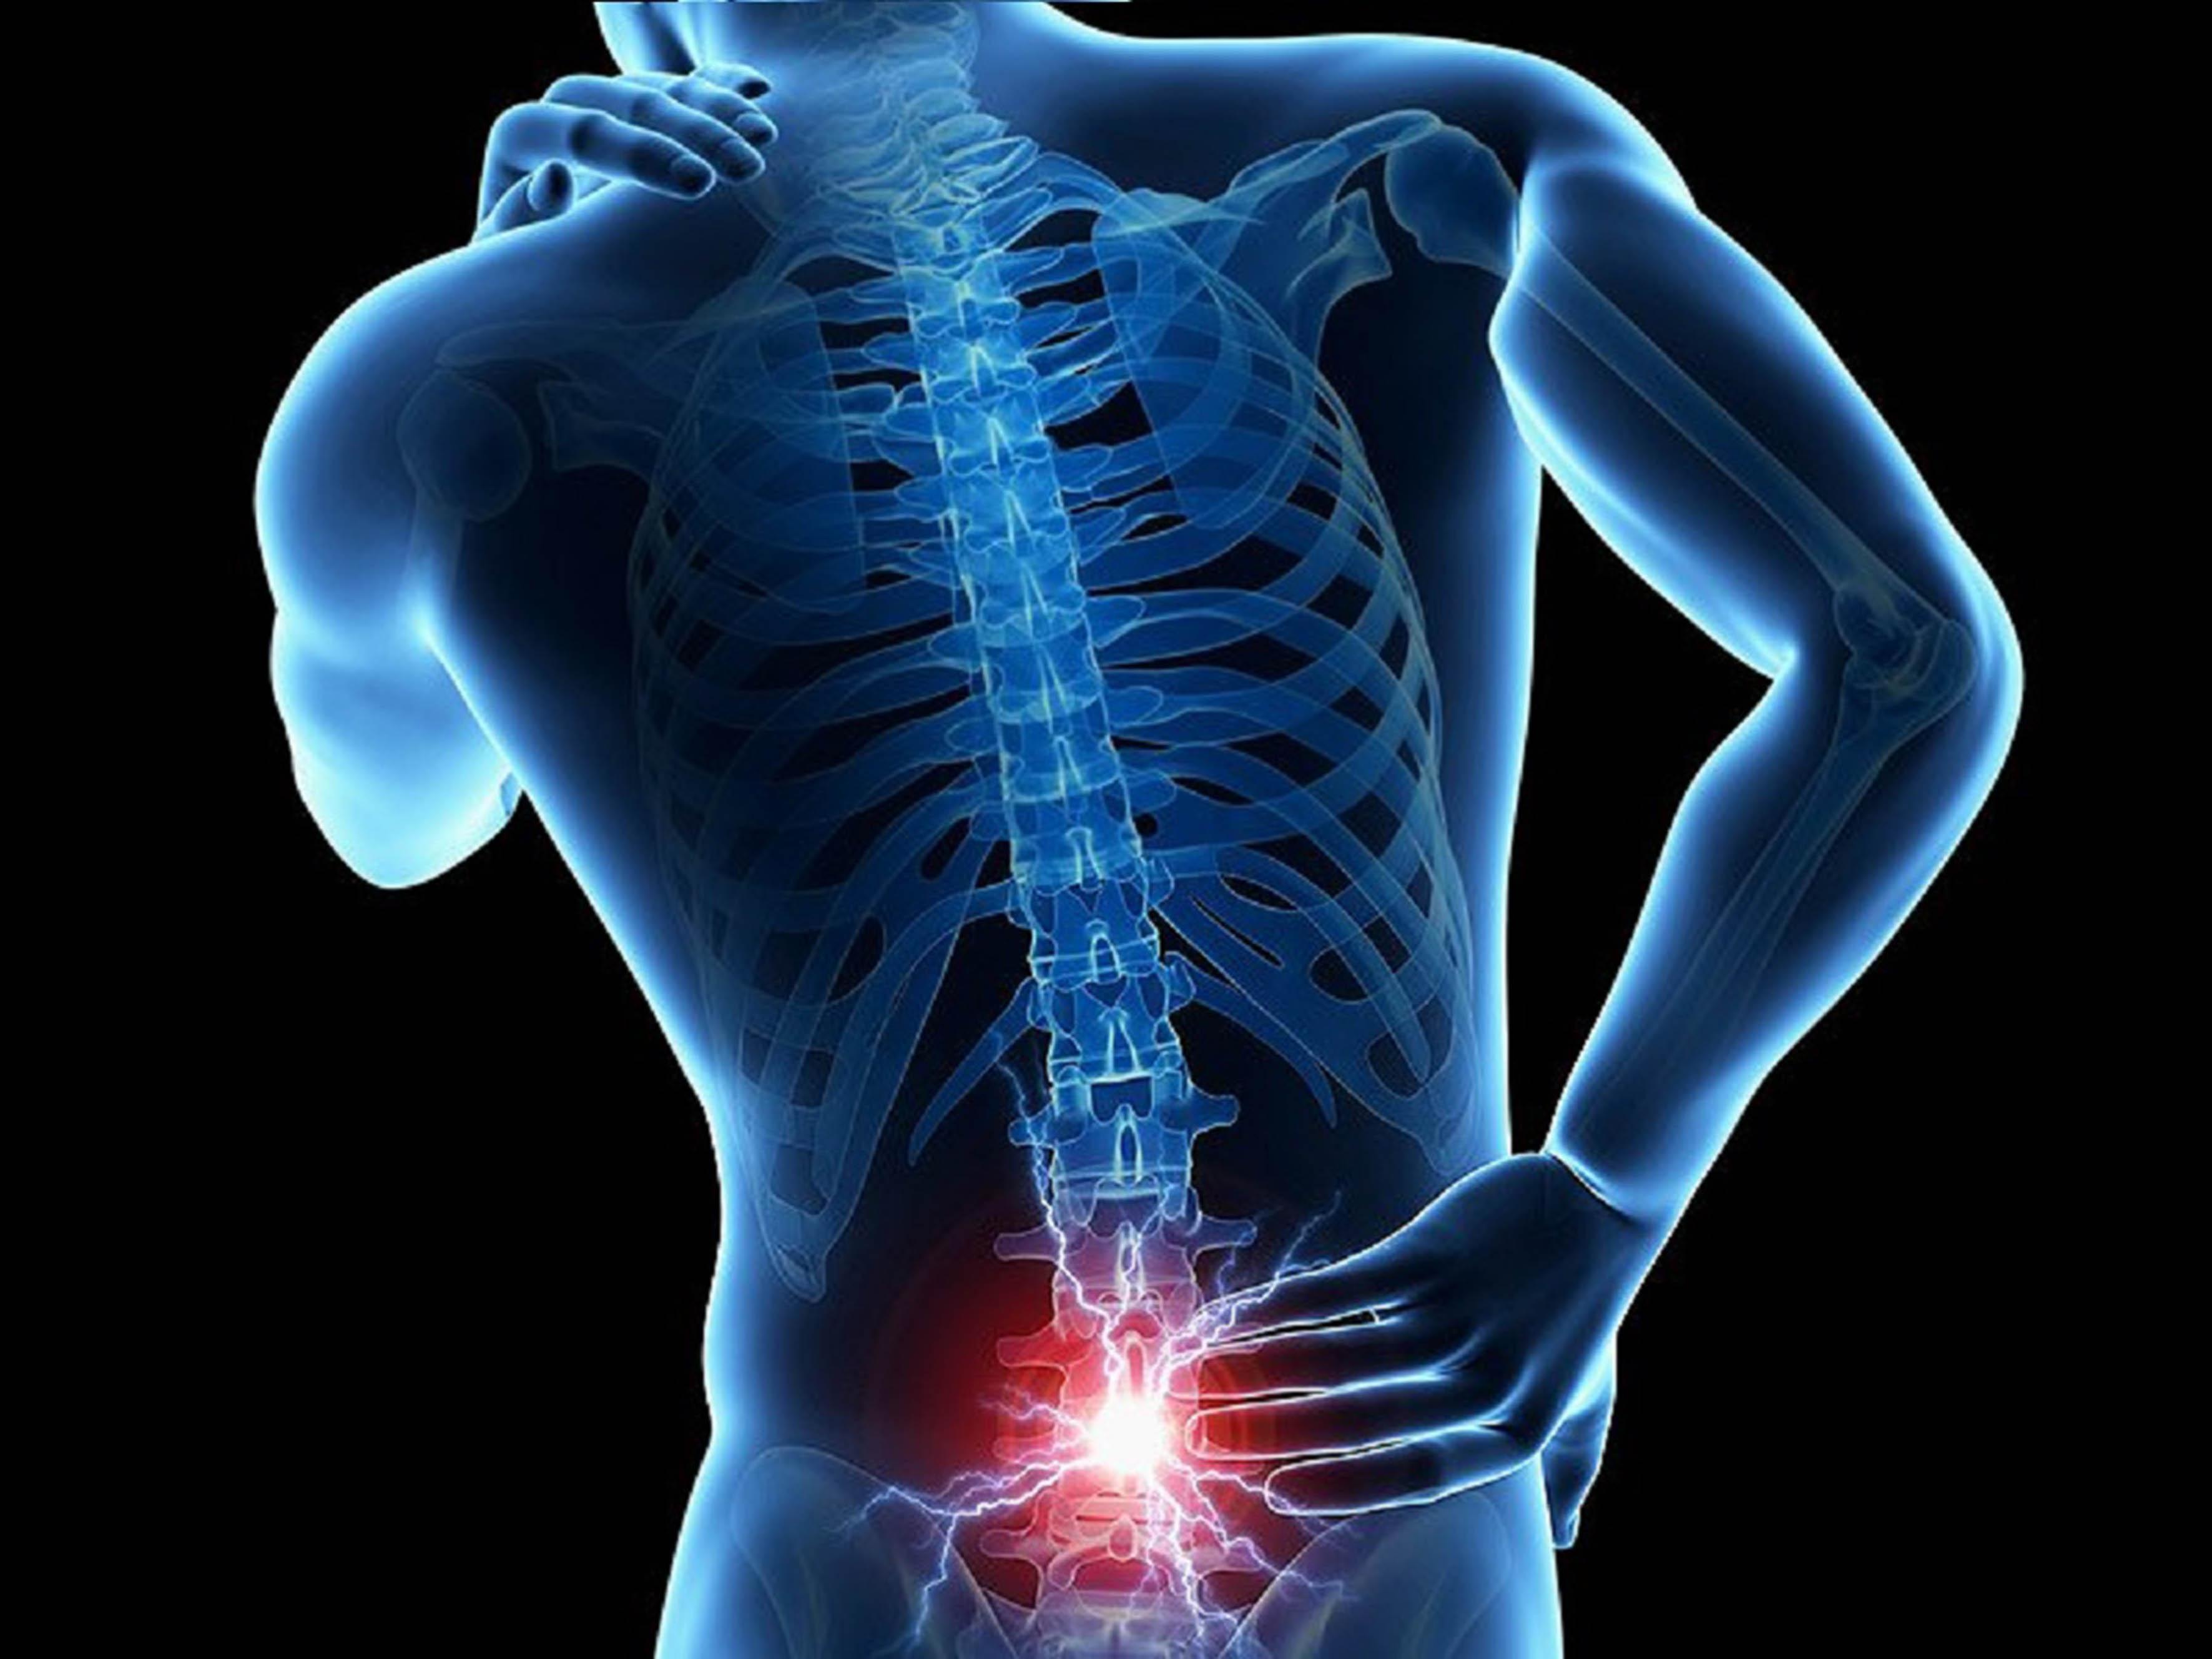 Estudio revela plasma rico en plaquetas reduce dolor crónico de espalda baja